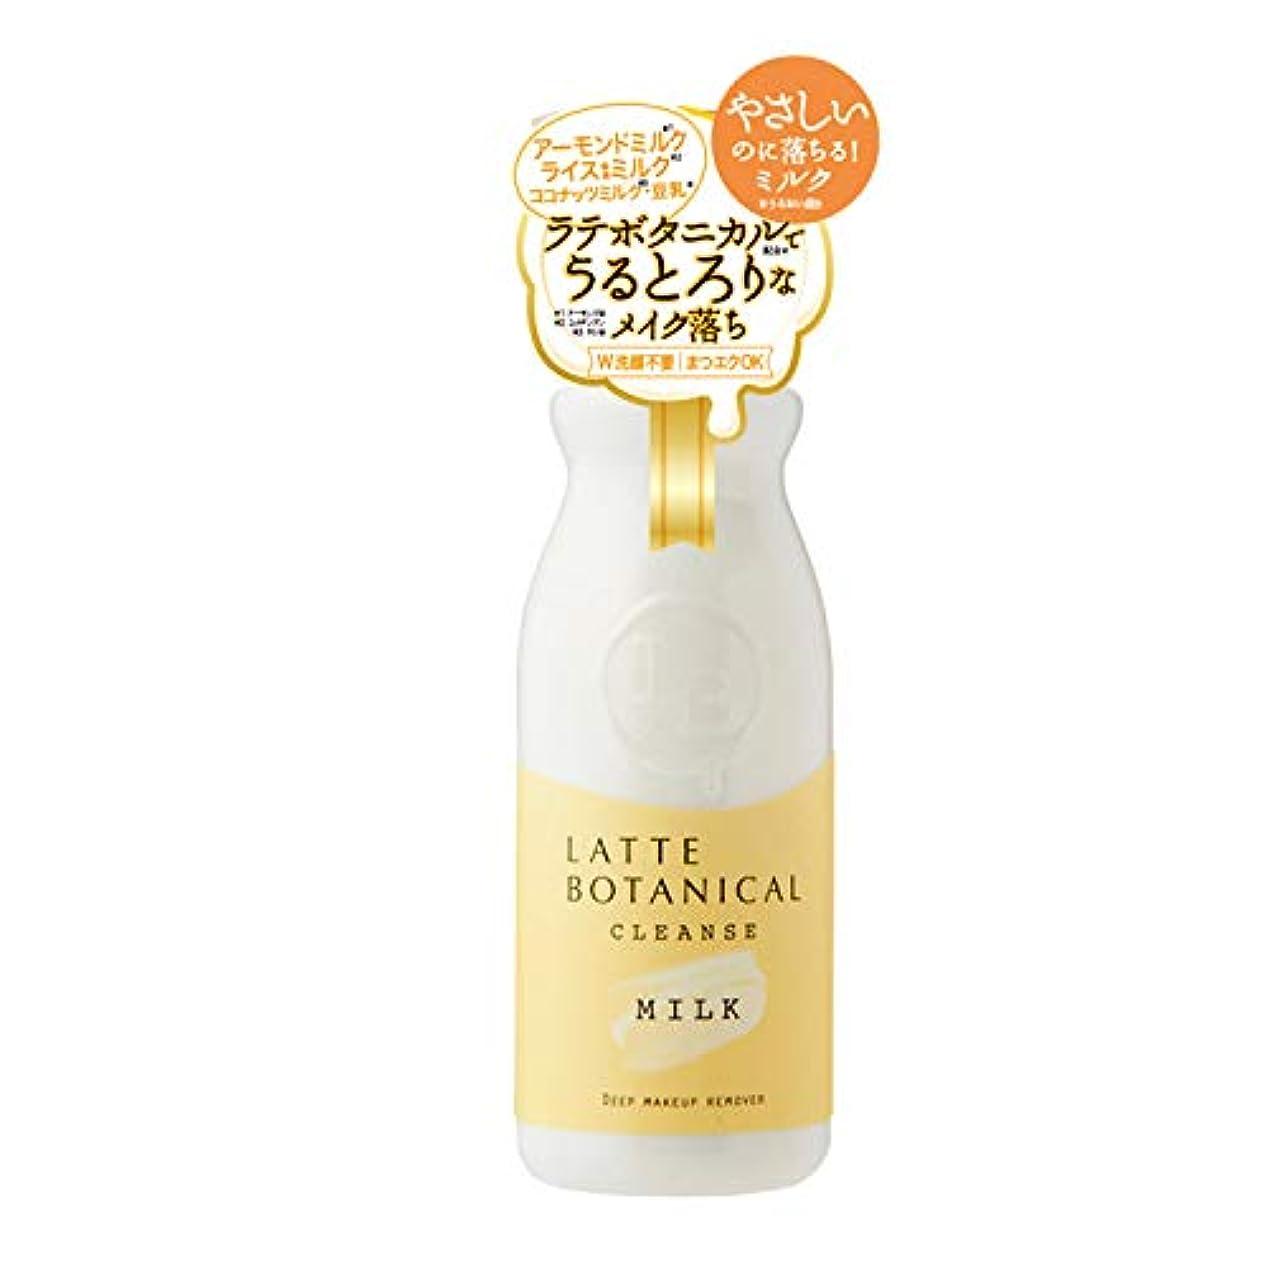 ラテボタニカル クレンズミルク 300ml